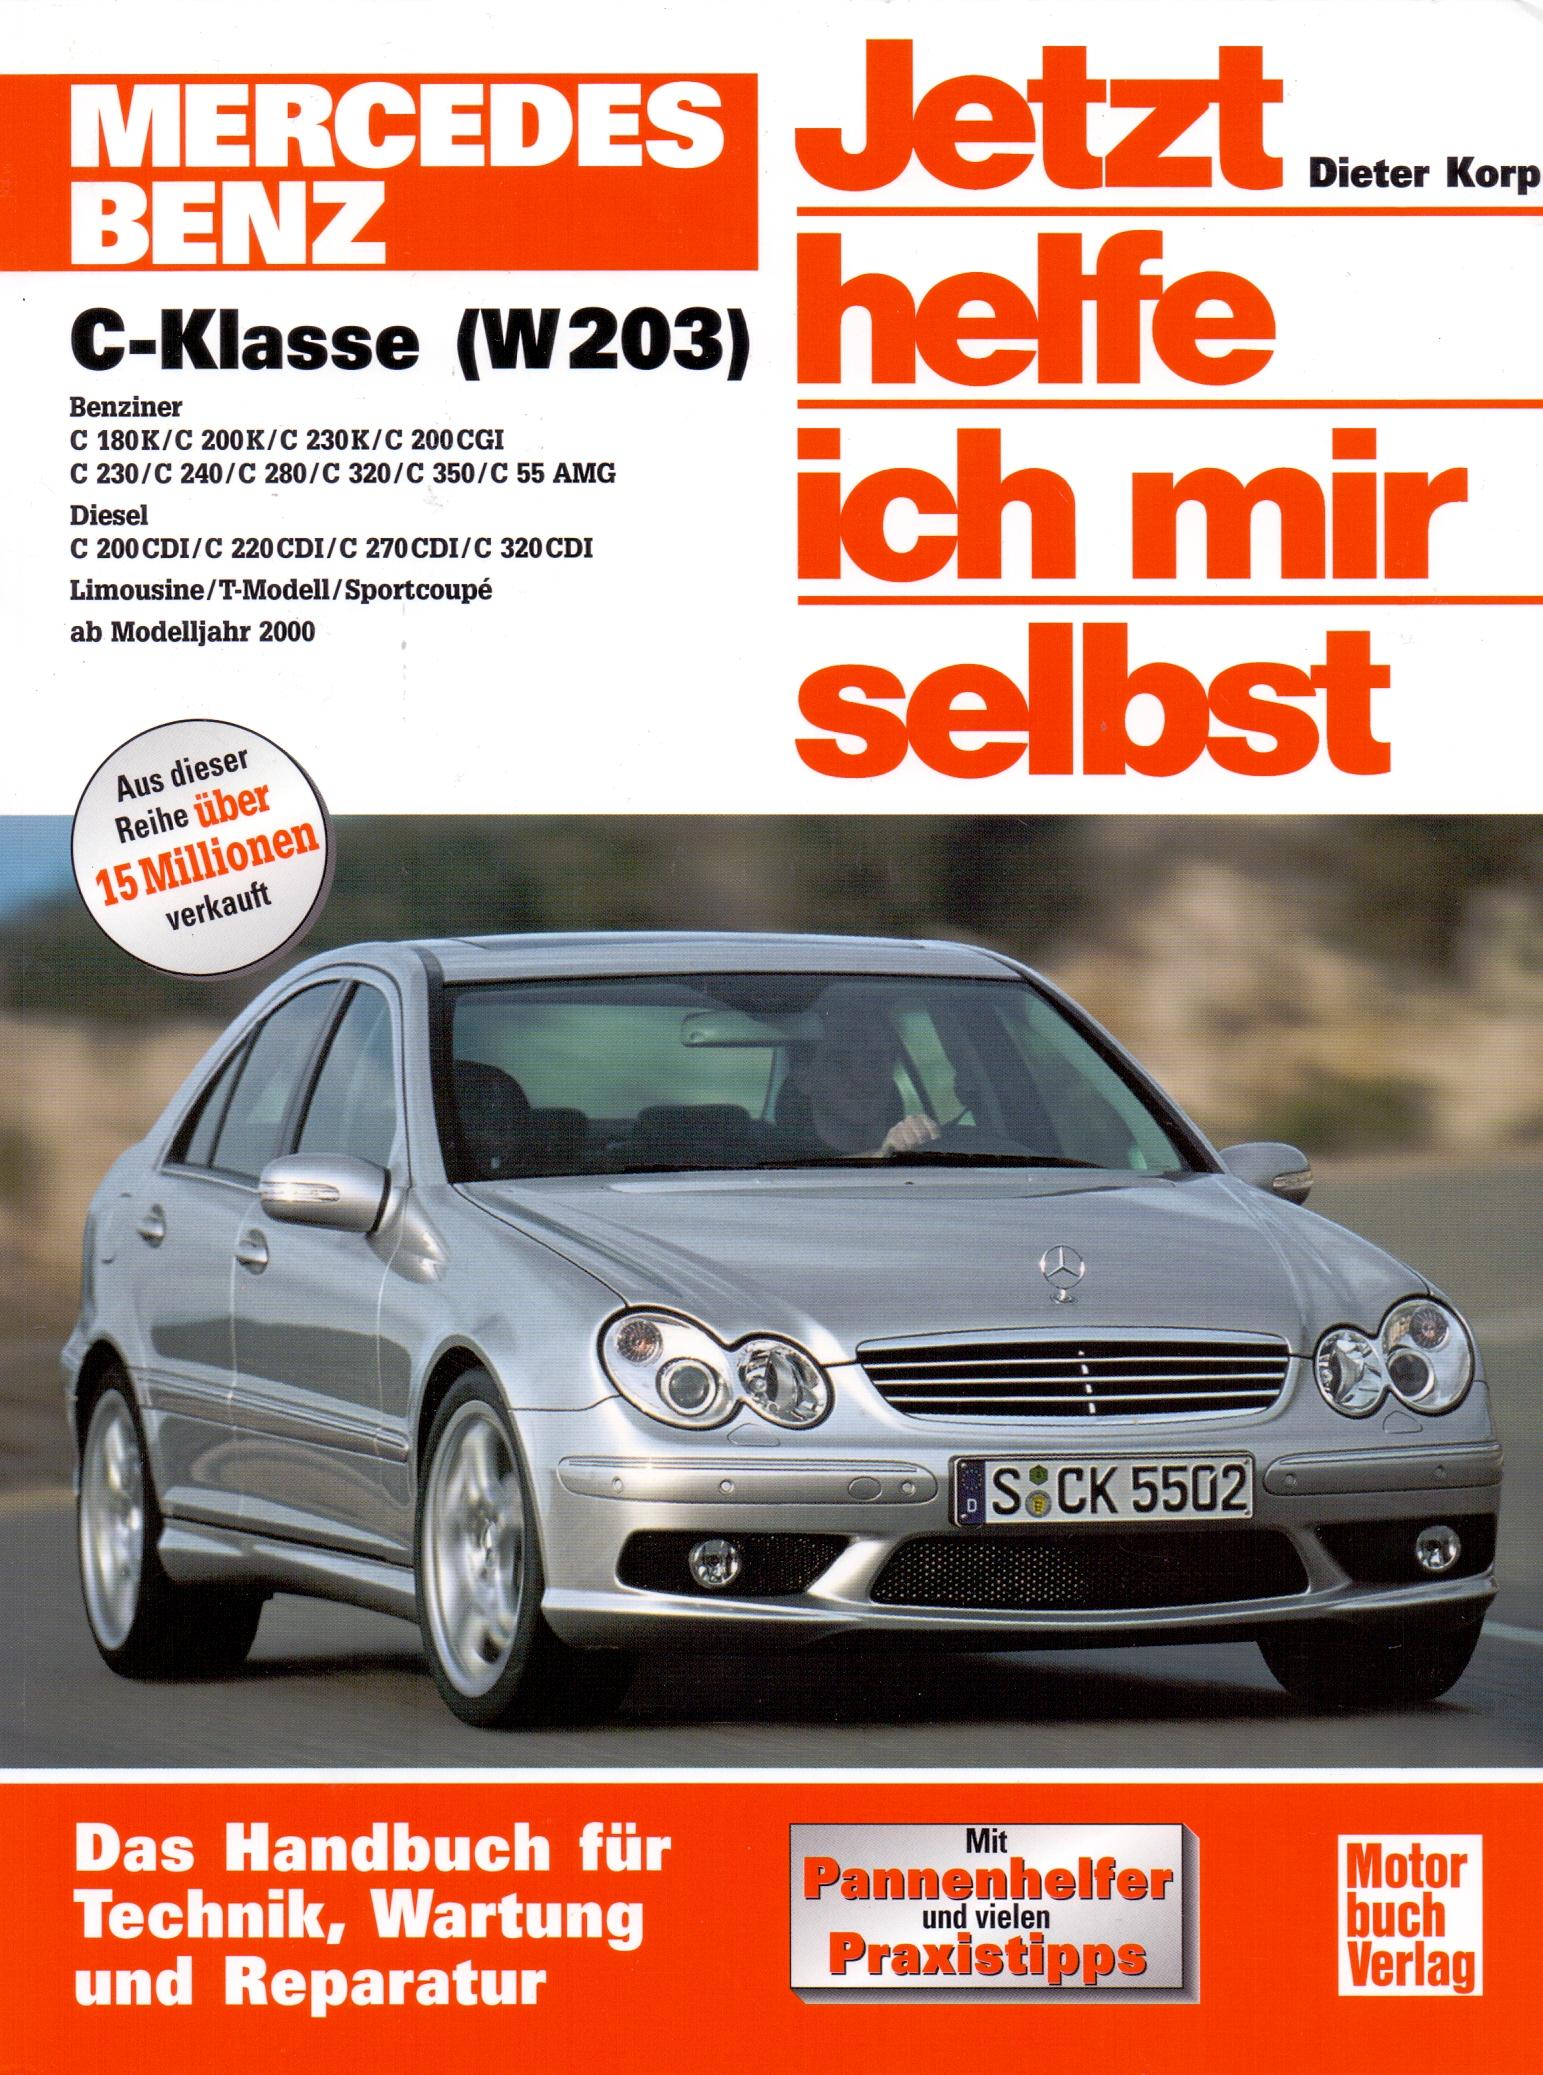 Jetzt helfe ich mir selbst: Band 245 - Mercedes-Benz C-Klasse ab Baujahr 2000 - Dieter Korp [Broschiert, 3. Auflage 2011